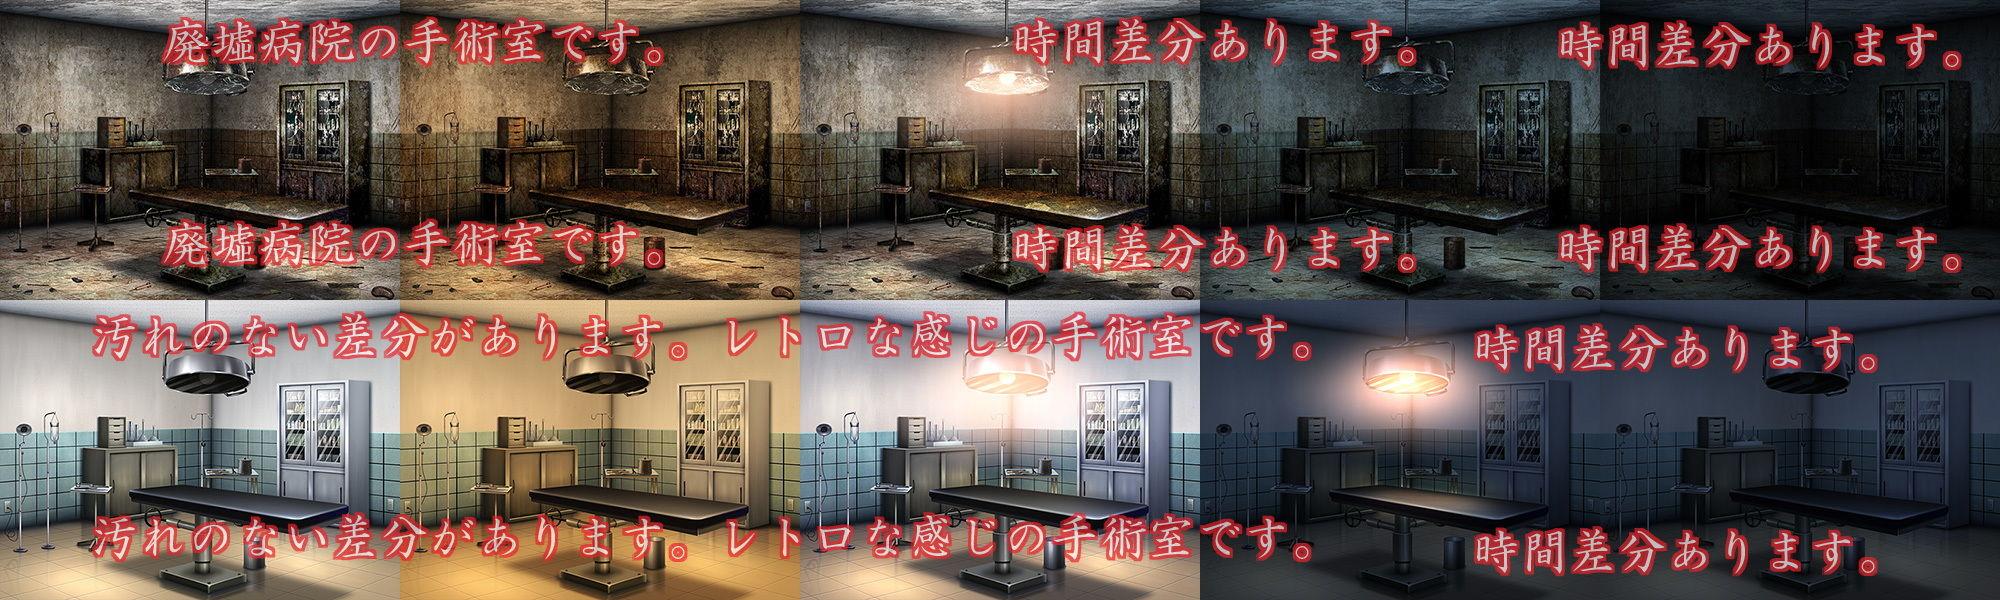 著作権フリー背景CG素材「廃墟手術室」